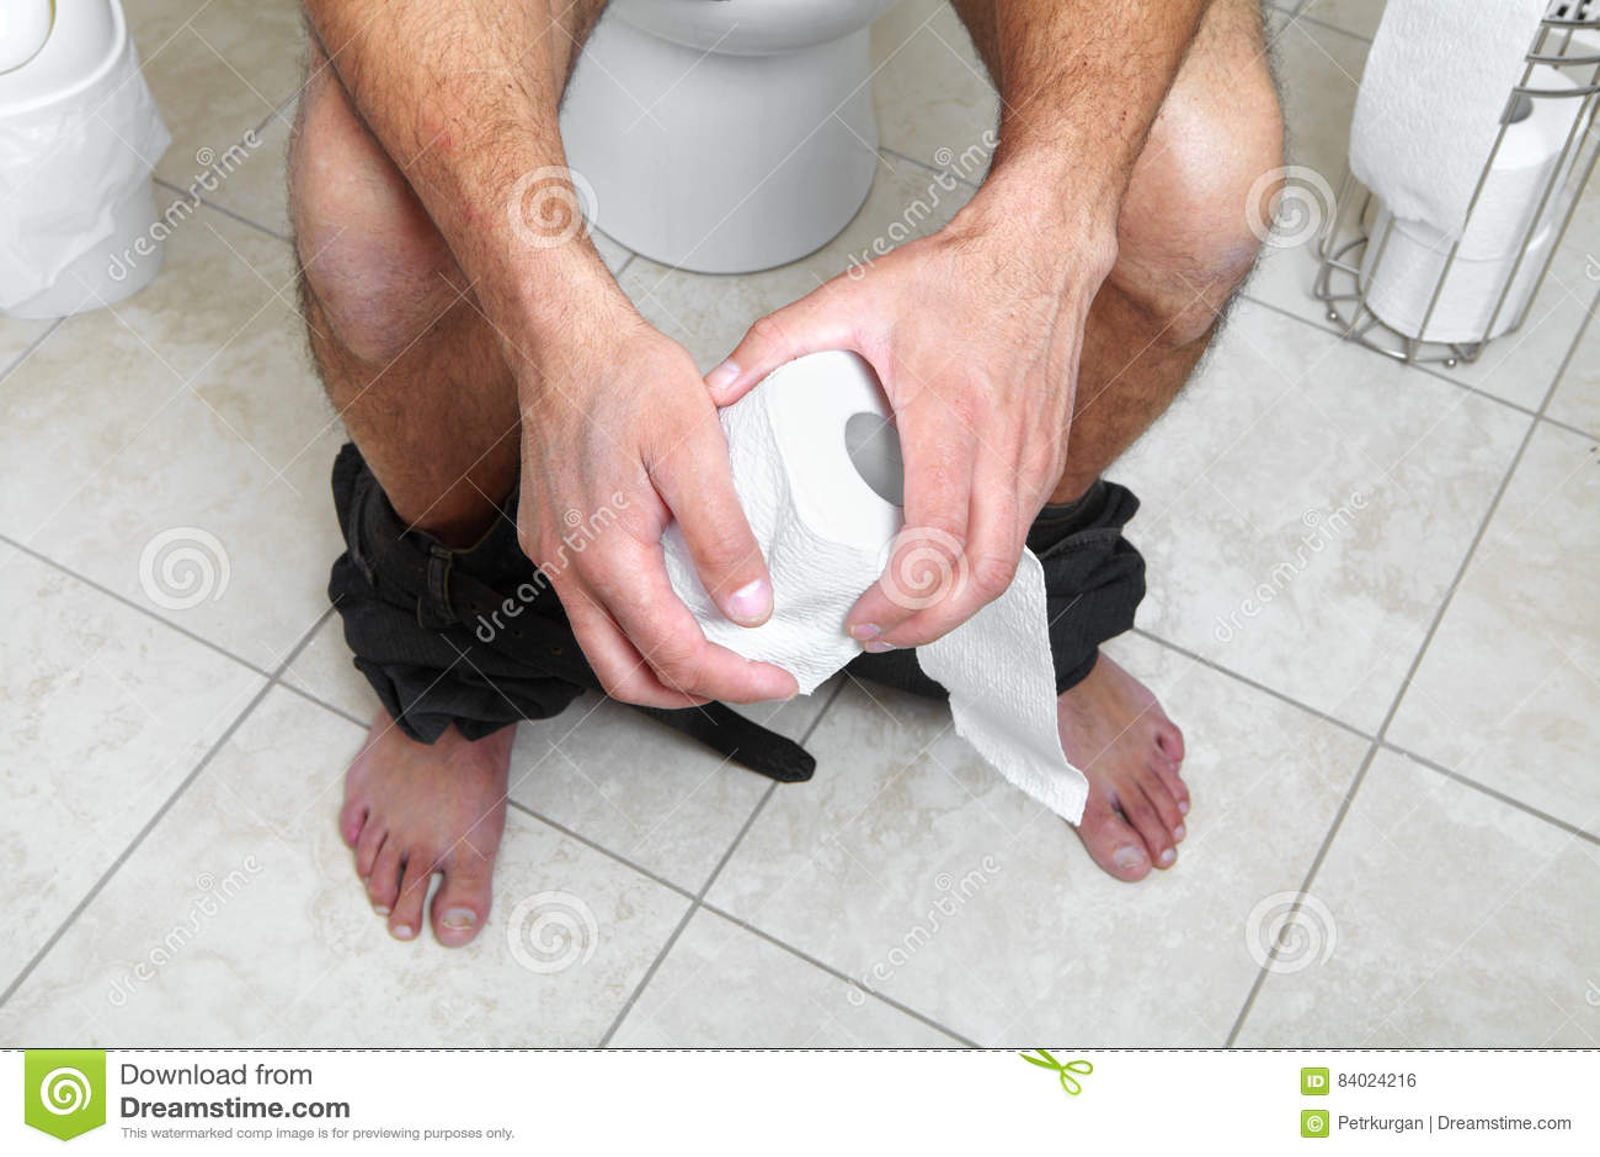 Maschio adulto che si siede sulla pentola del lavabo